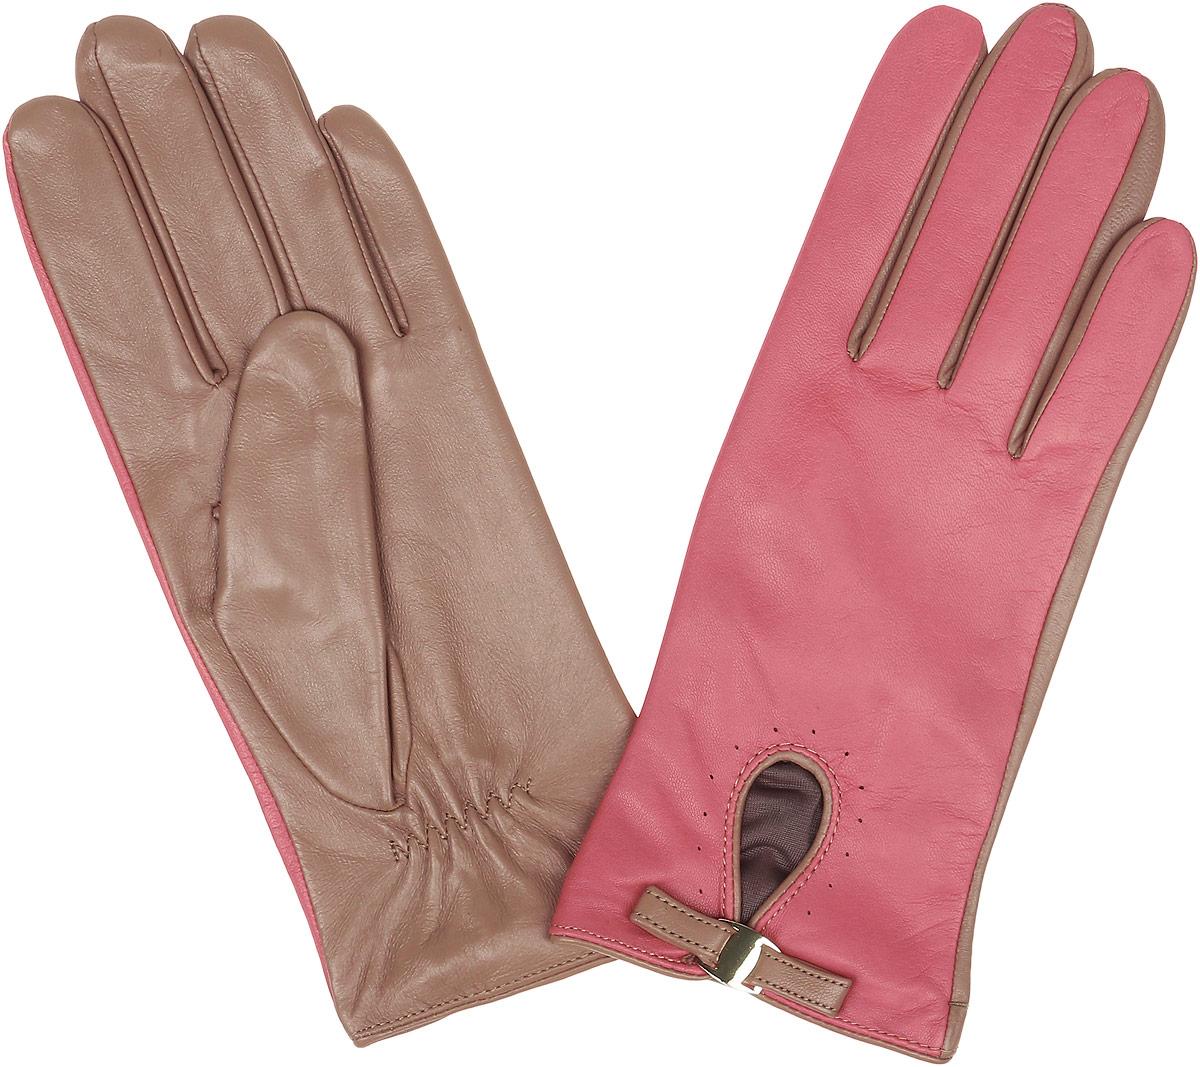 Перчатки12.23-15s light greenСтильные женские перчатки Fabretti не только защитят ваши руки, но и станут великолепным украшением. Перчатки выполнены из натуральной кожи ягненка, а их подкладка - из высококачественного шелка. Модель дополнена небольшой прорезью, оформленной металлической пластиной и кожаным хлястиком. Строчки-стежки на запястье придают перчаткам динамичное настроение. Стильный аксессуар для повседневного образа.